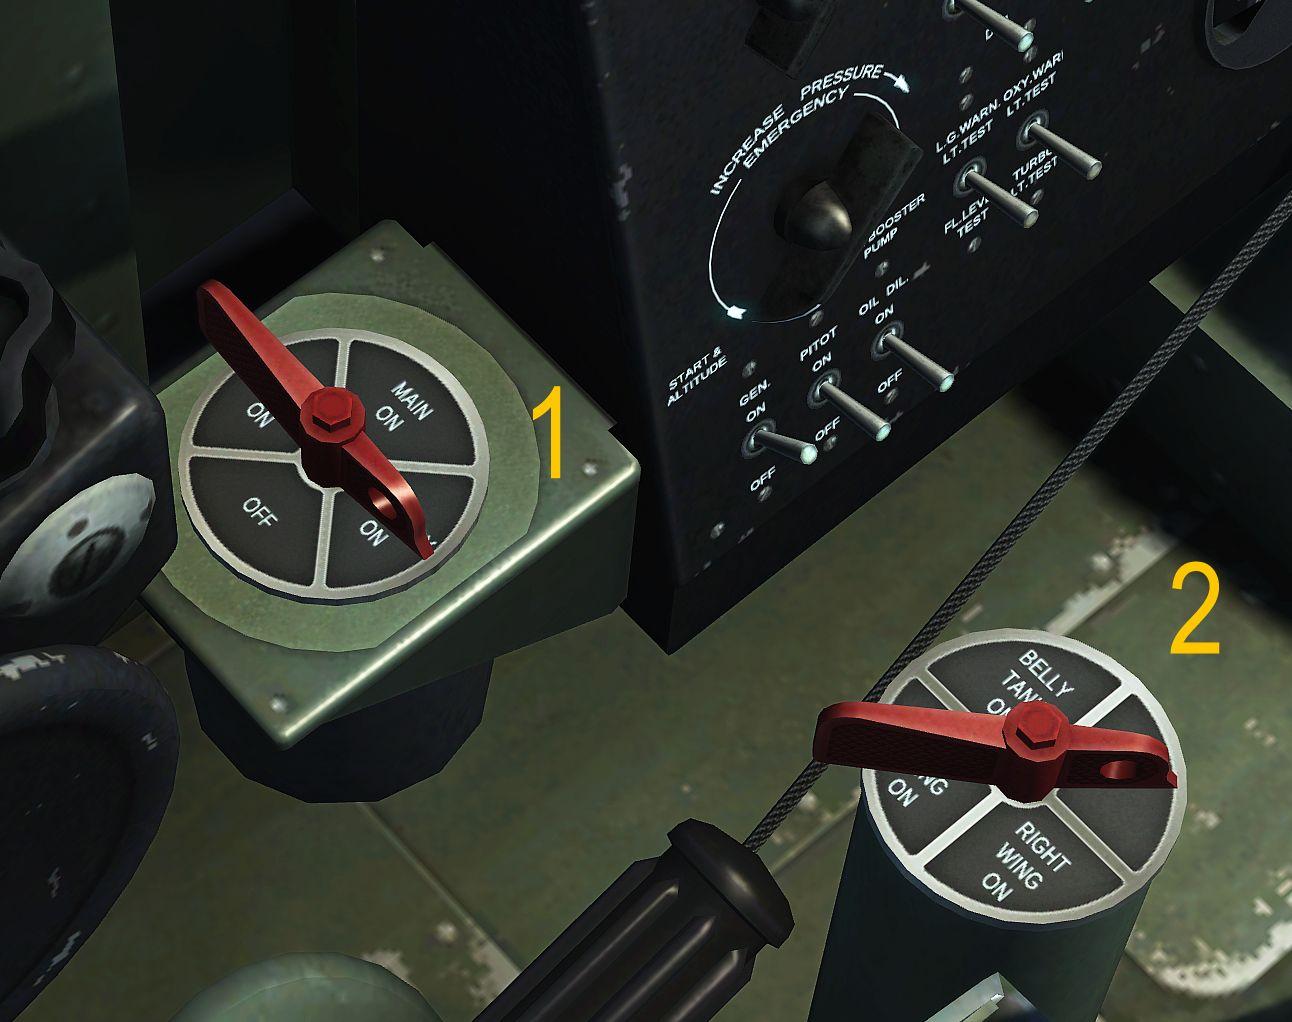 [FICHE] Republic P47-D-28-RE 5bdaa37b58914